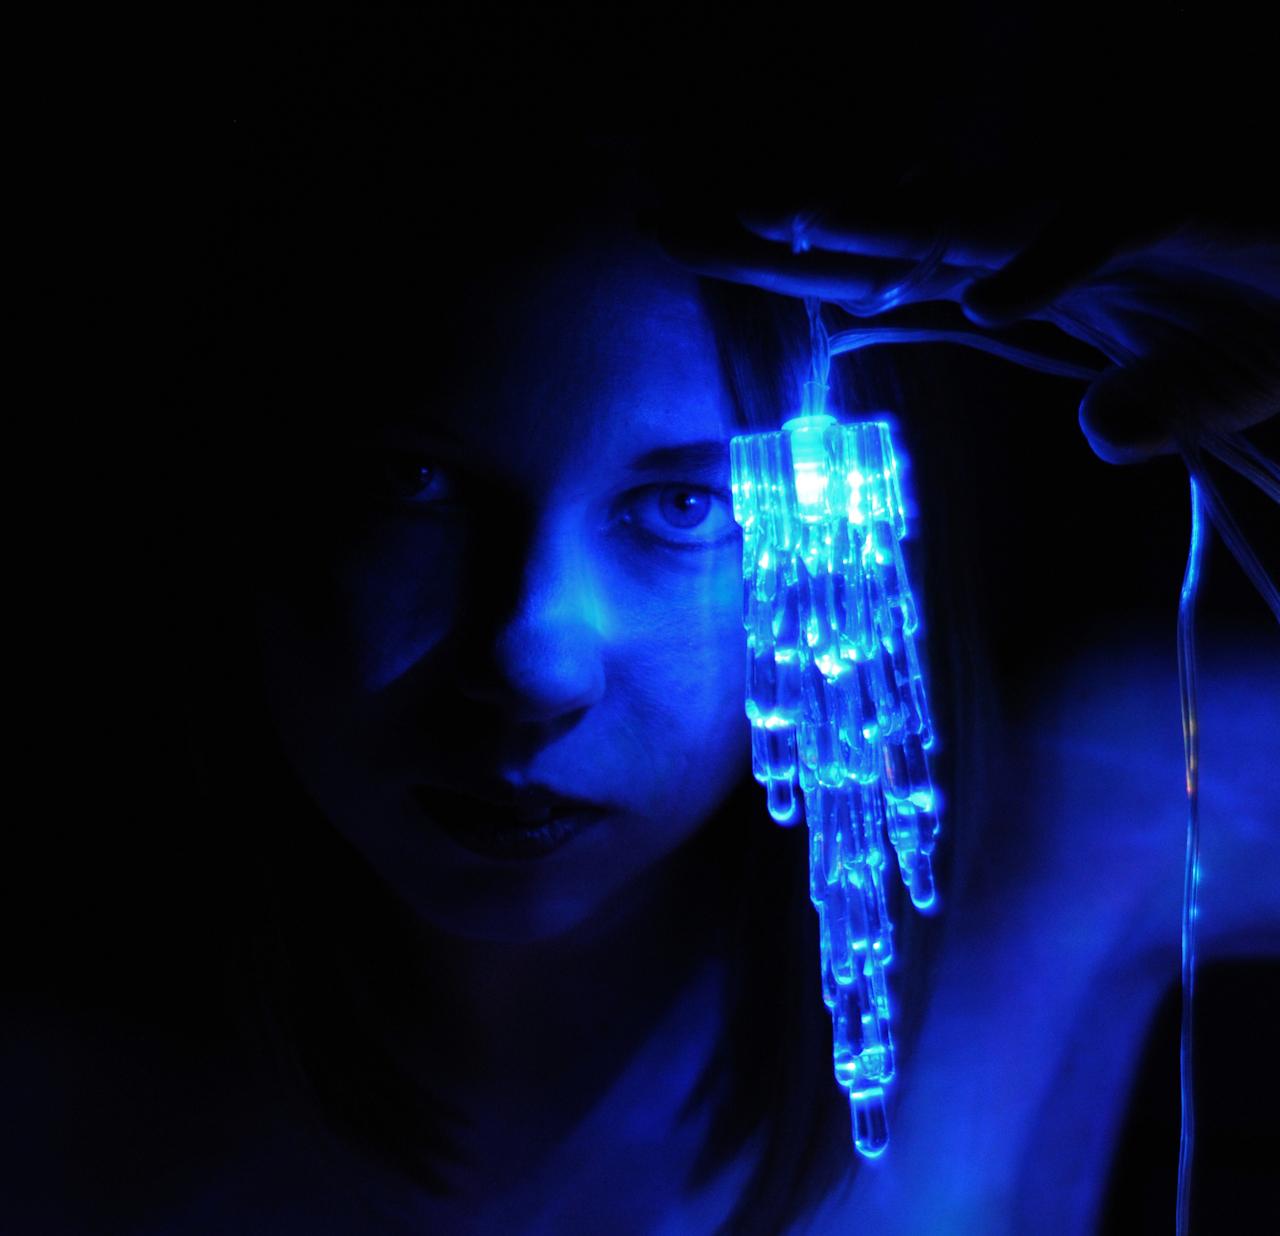 Icelight Mistress 5 by Salemburn